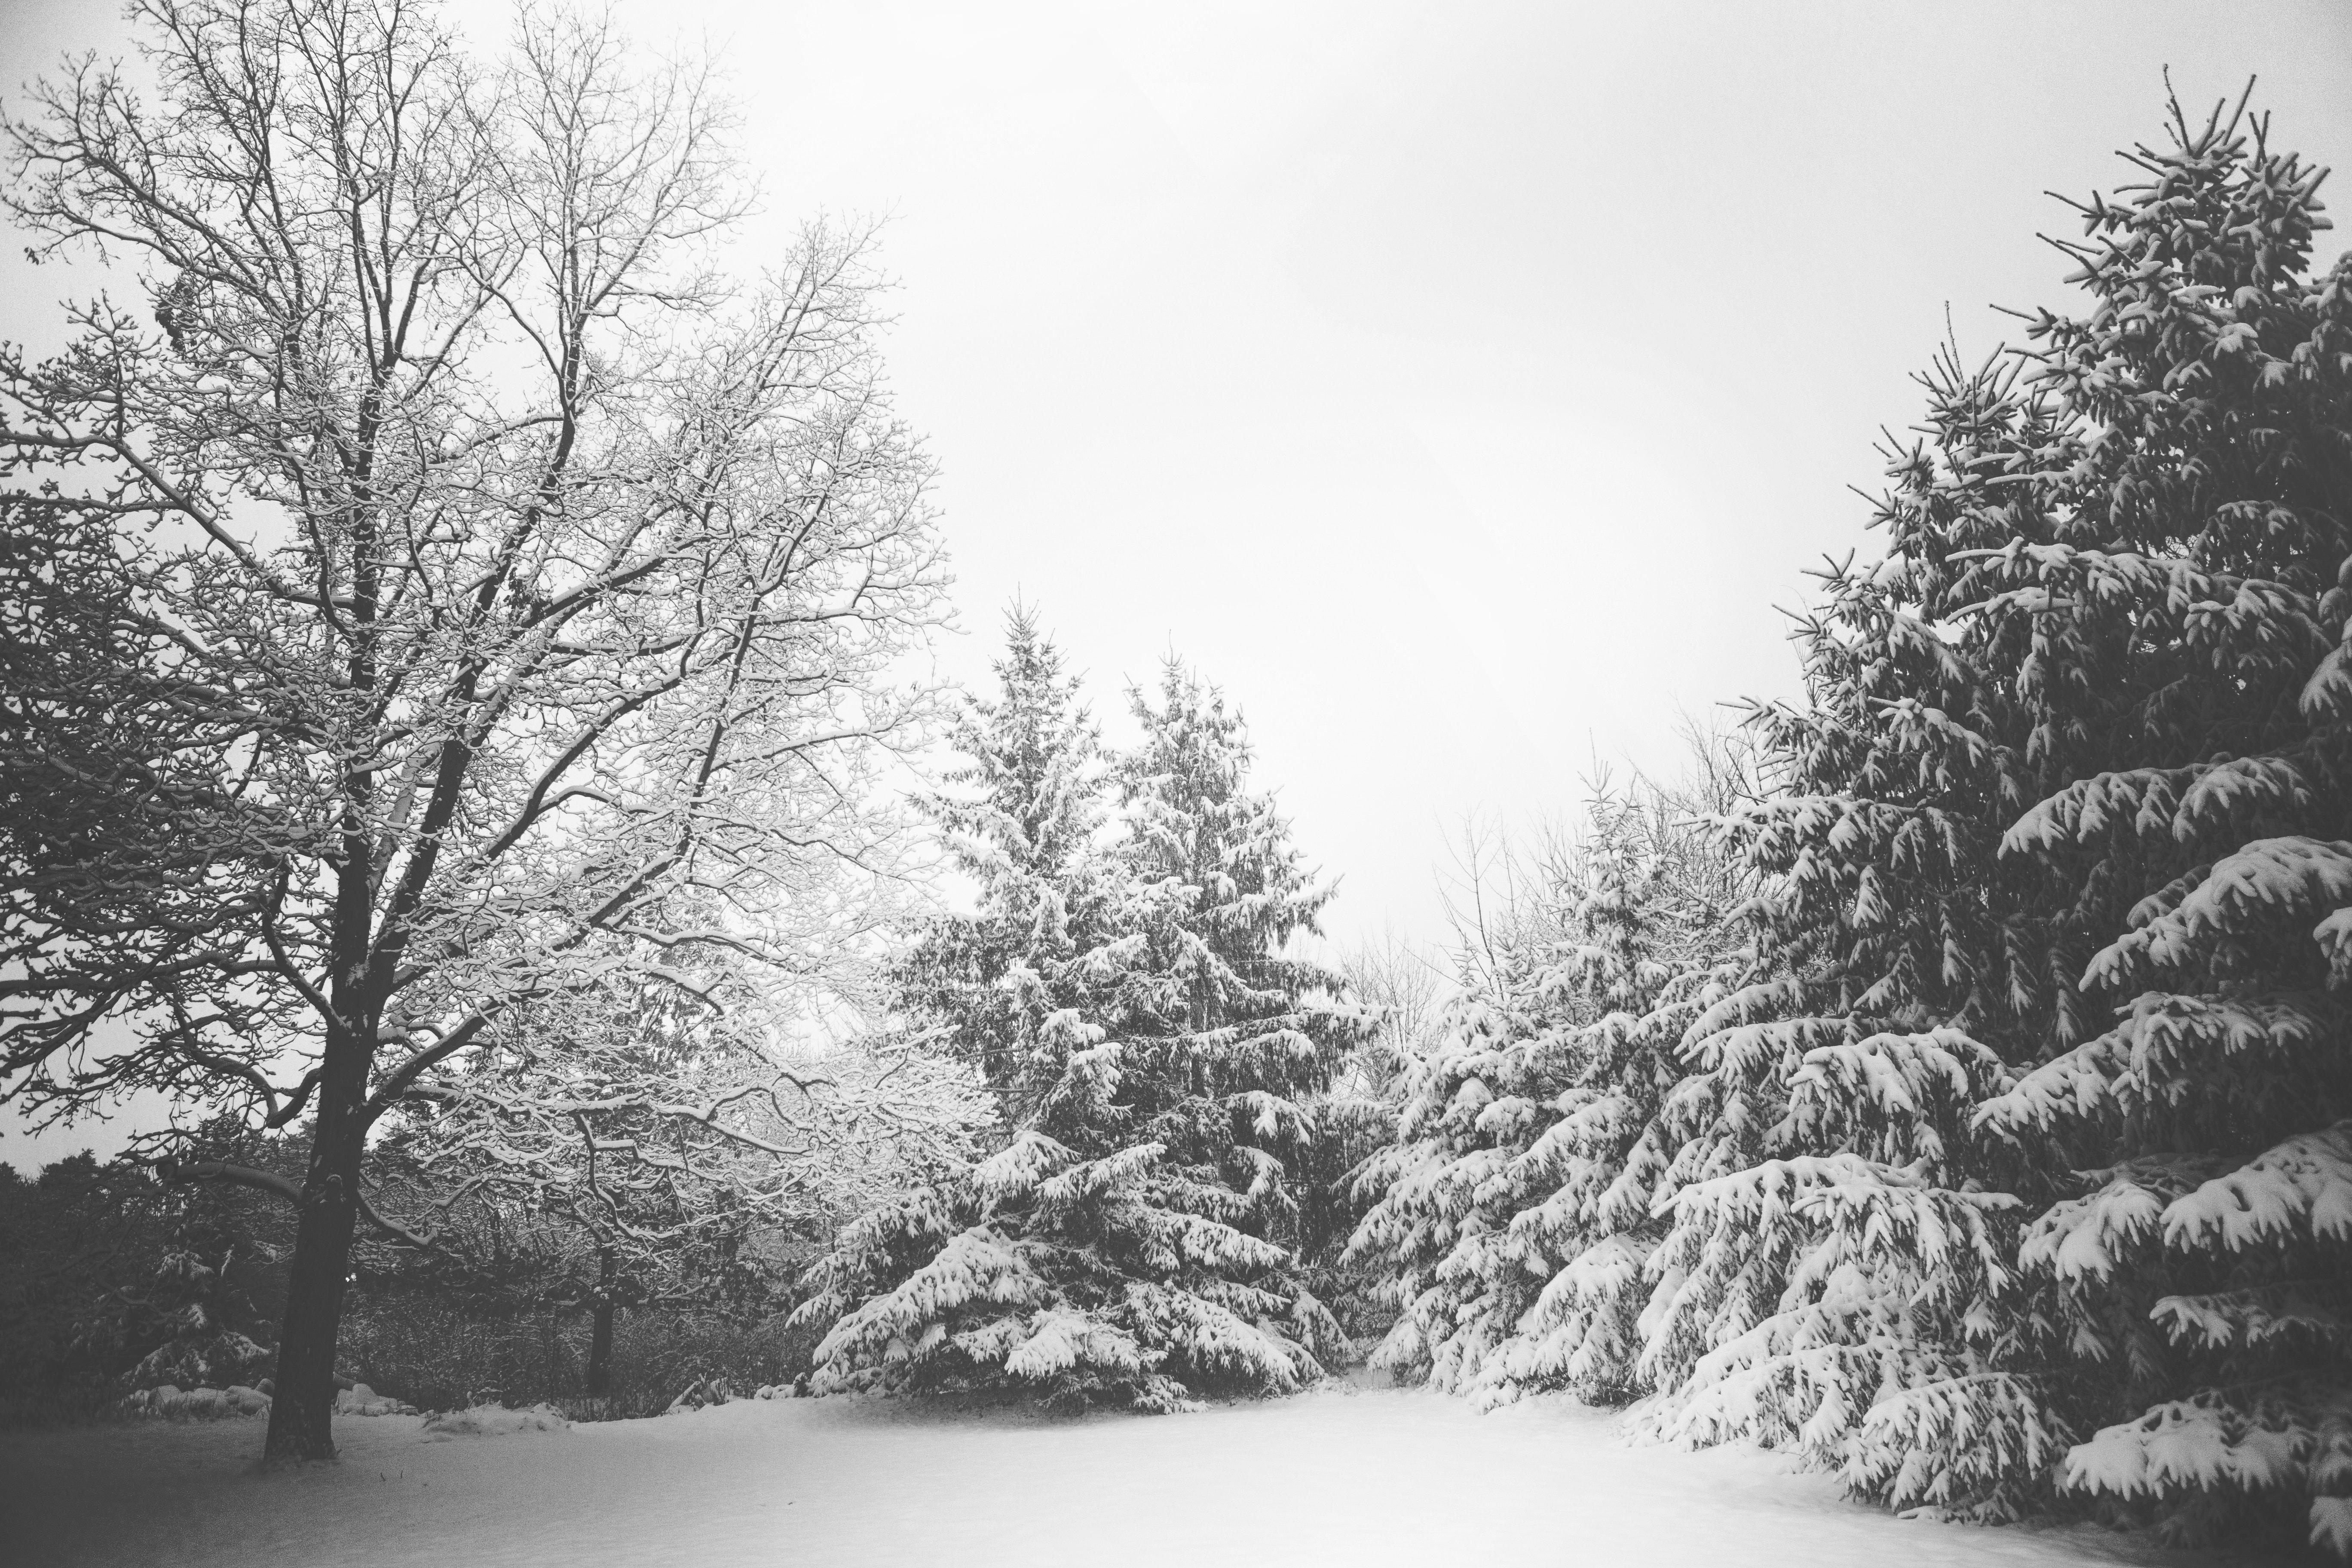 Snow (Credit: www.pexels.com)